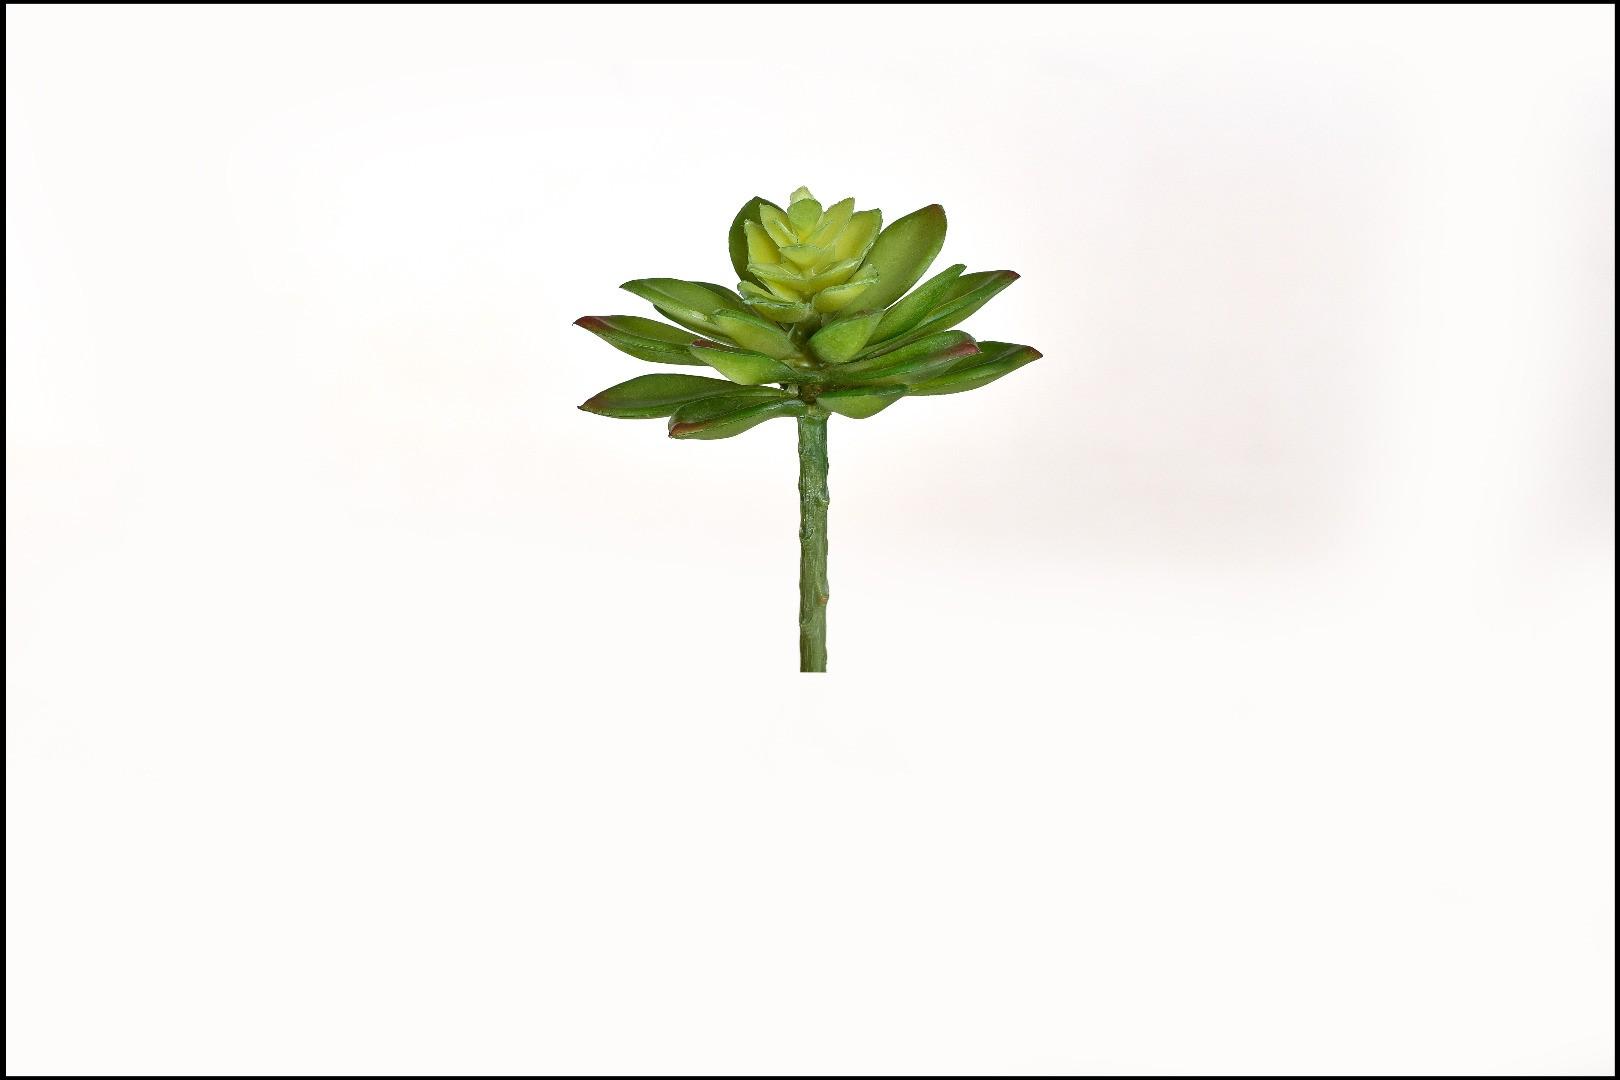 1740 - Cactus